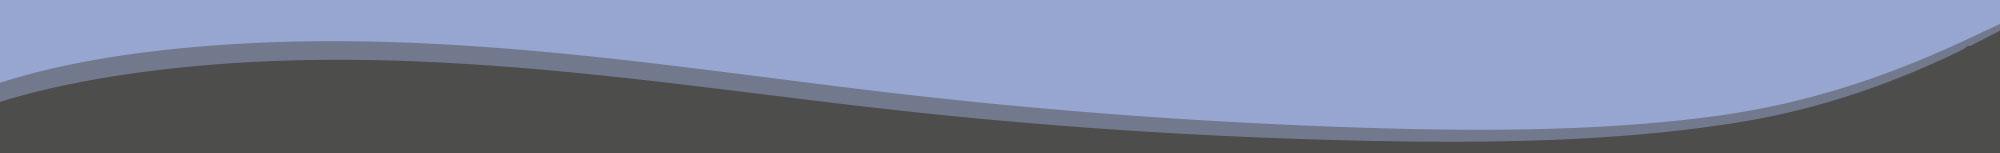 lucretia-footer-veerdienst-strijensas-moerdijk